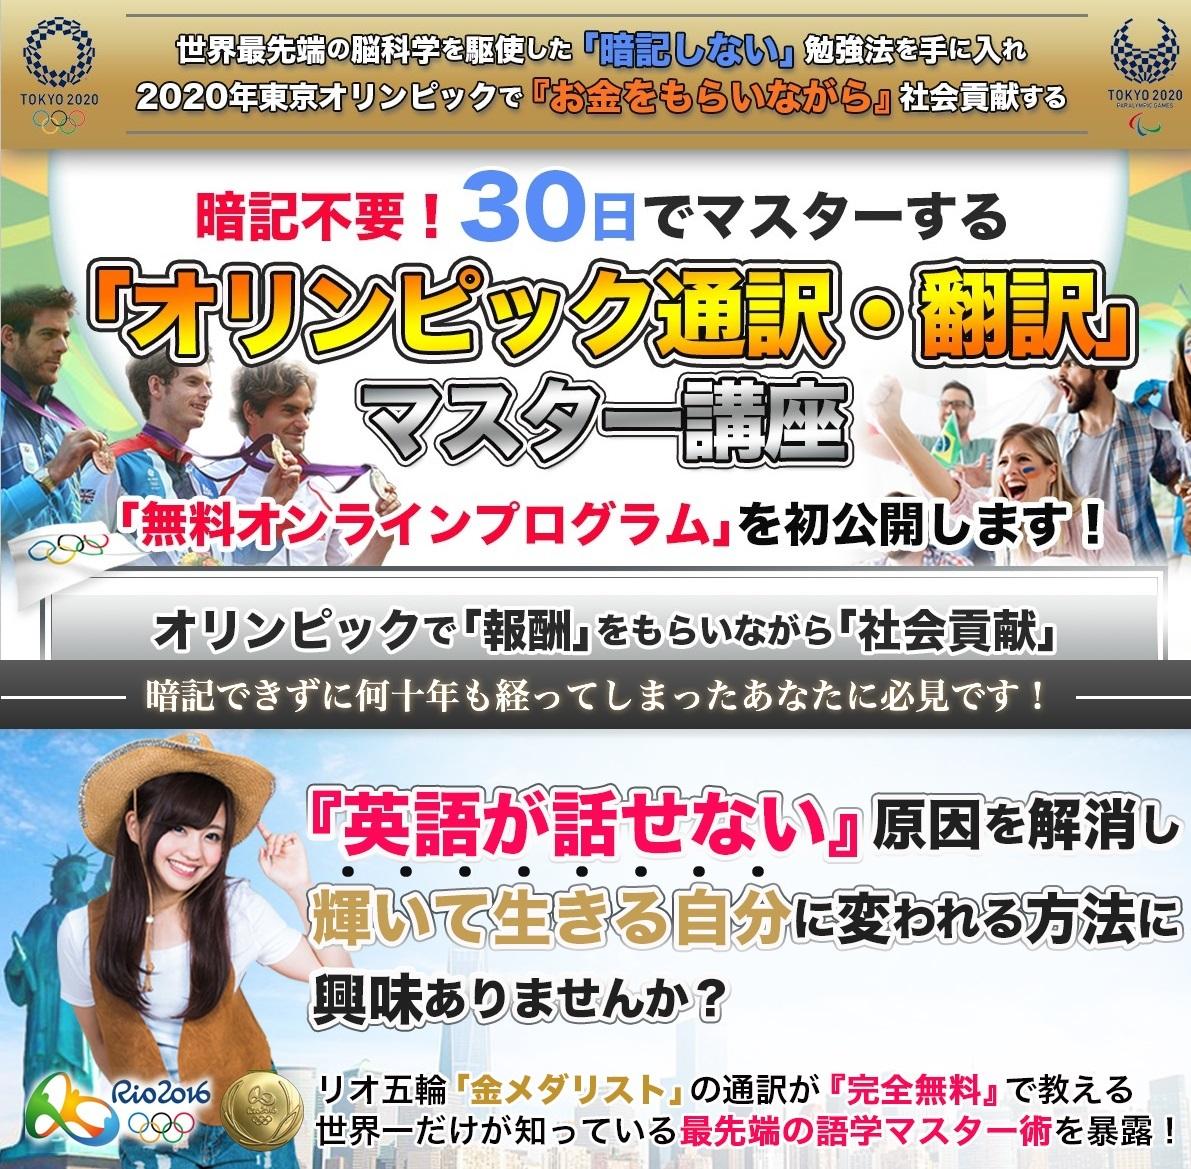 [11/15終了] 暗記しない語学』無料オファーキャンペーン